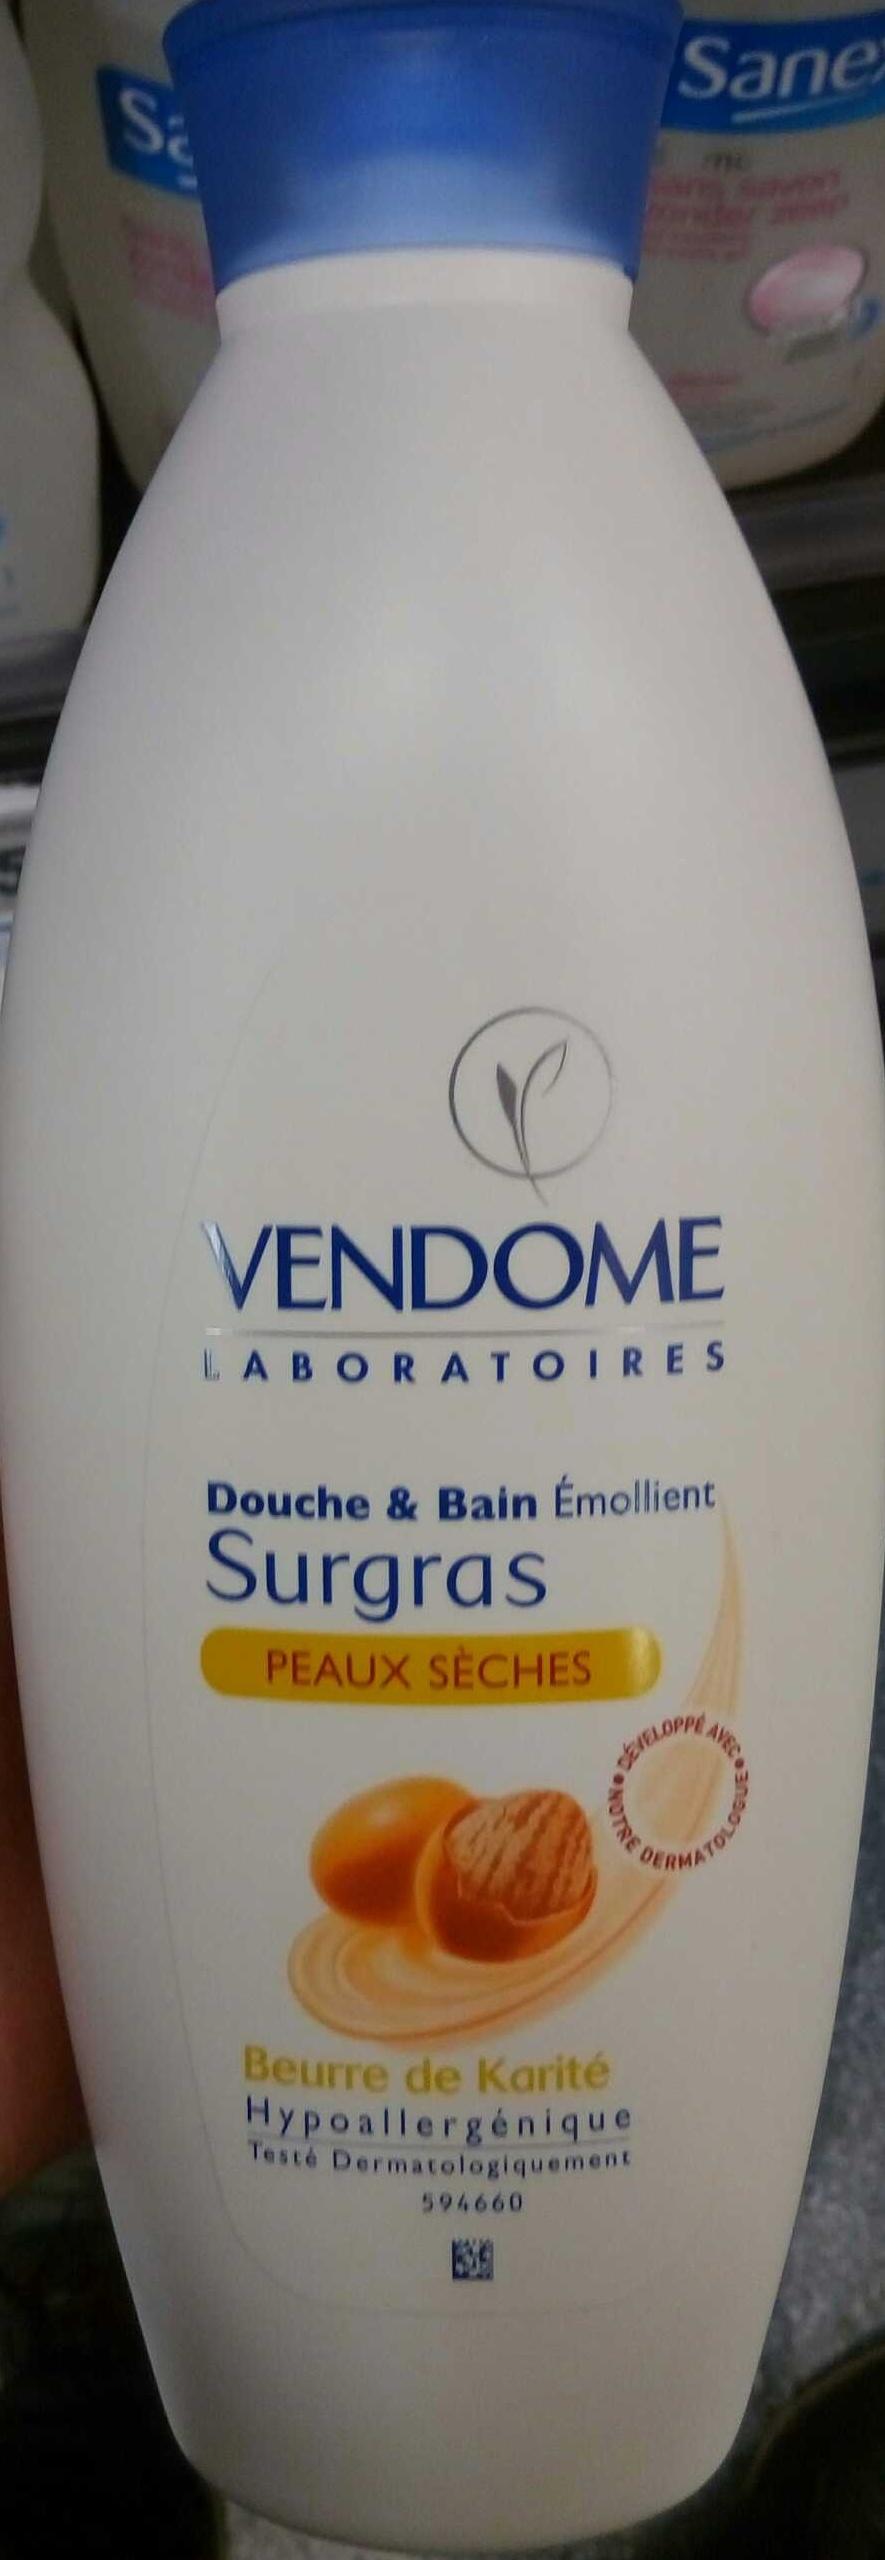 Douche & Bain Emollient Surgras - Product